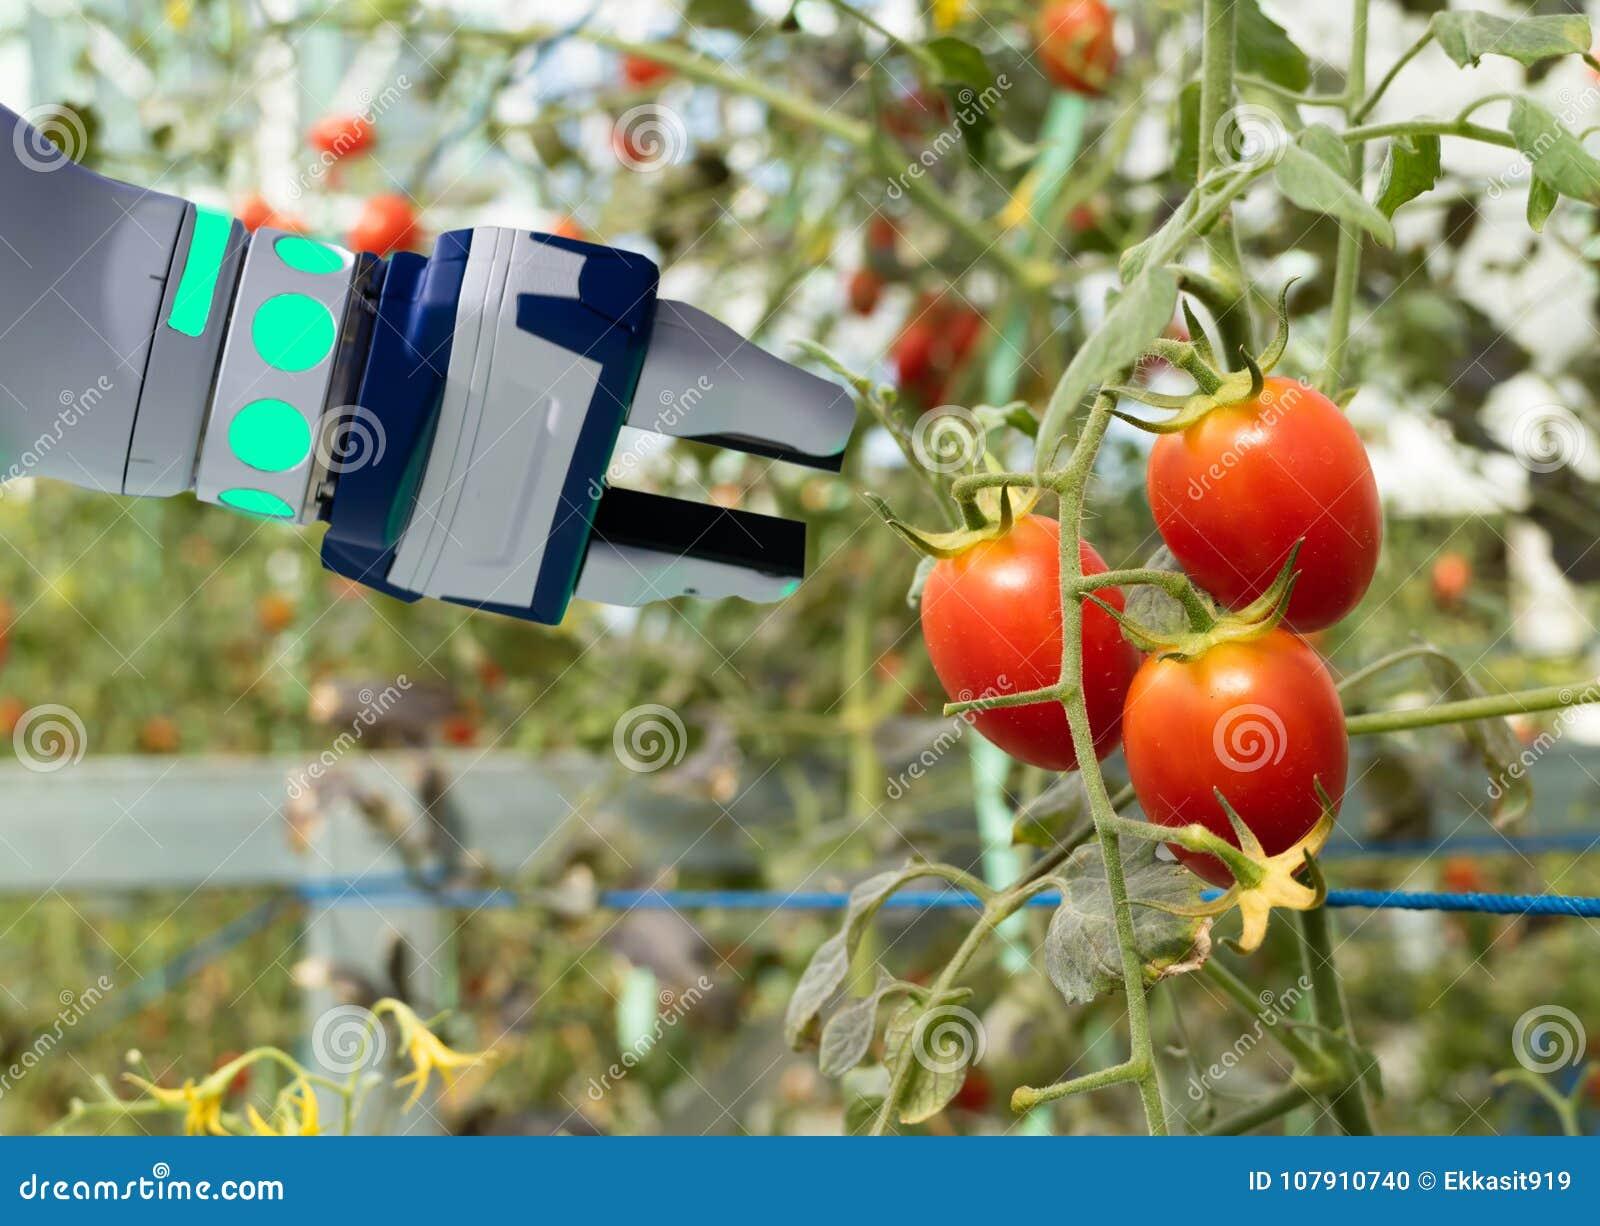 Robótico esperto no conceito futurista da agricultura, automatização dos fazendeiros do robô deve ser programado para trabalhar d